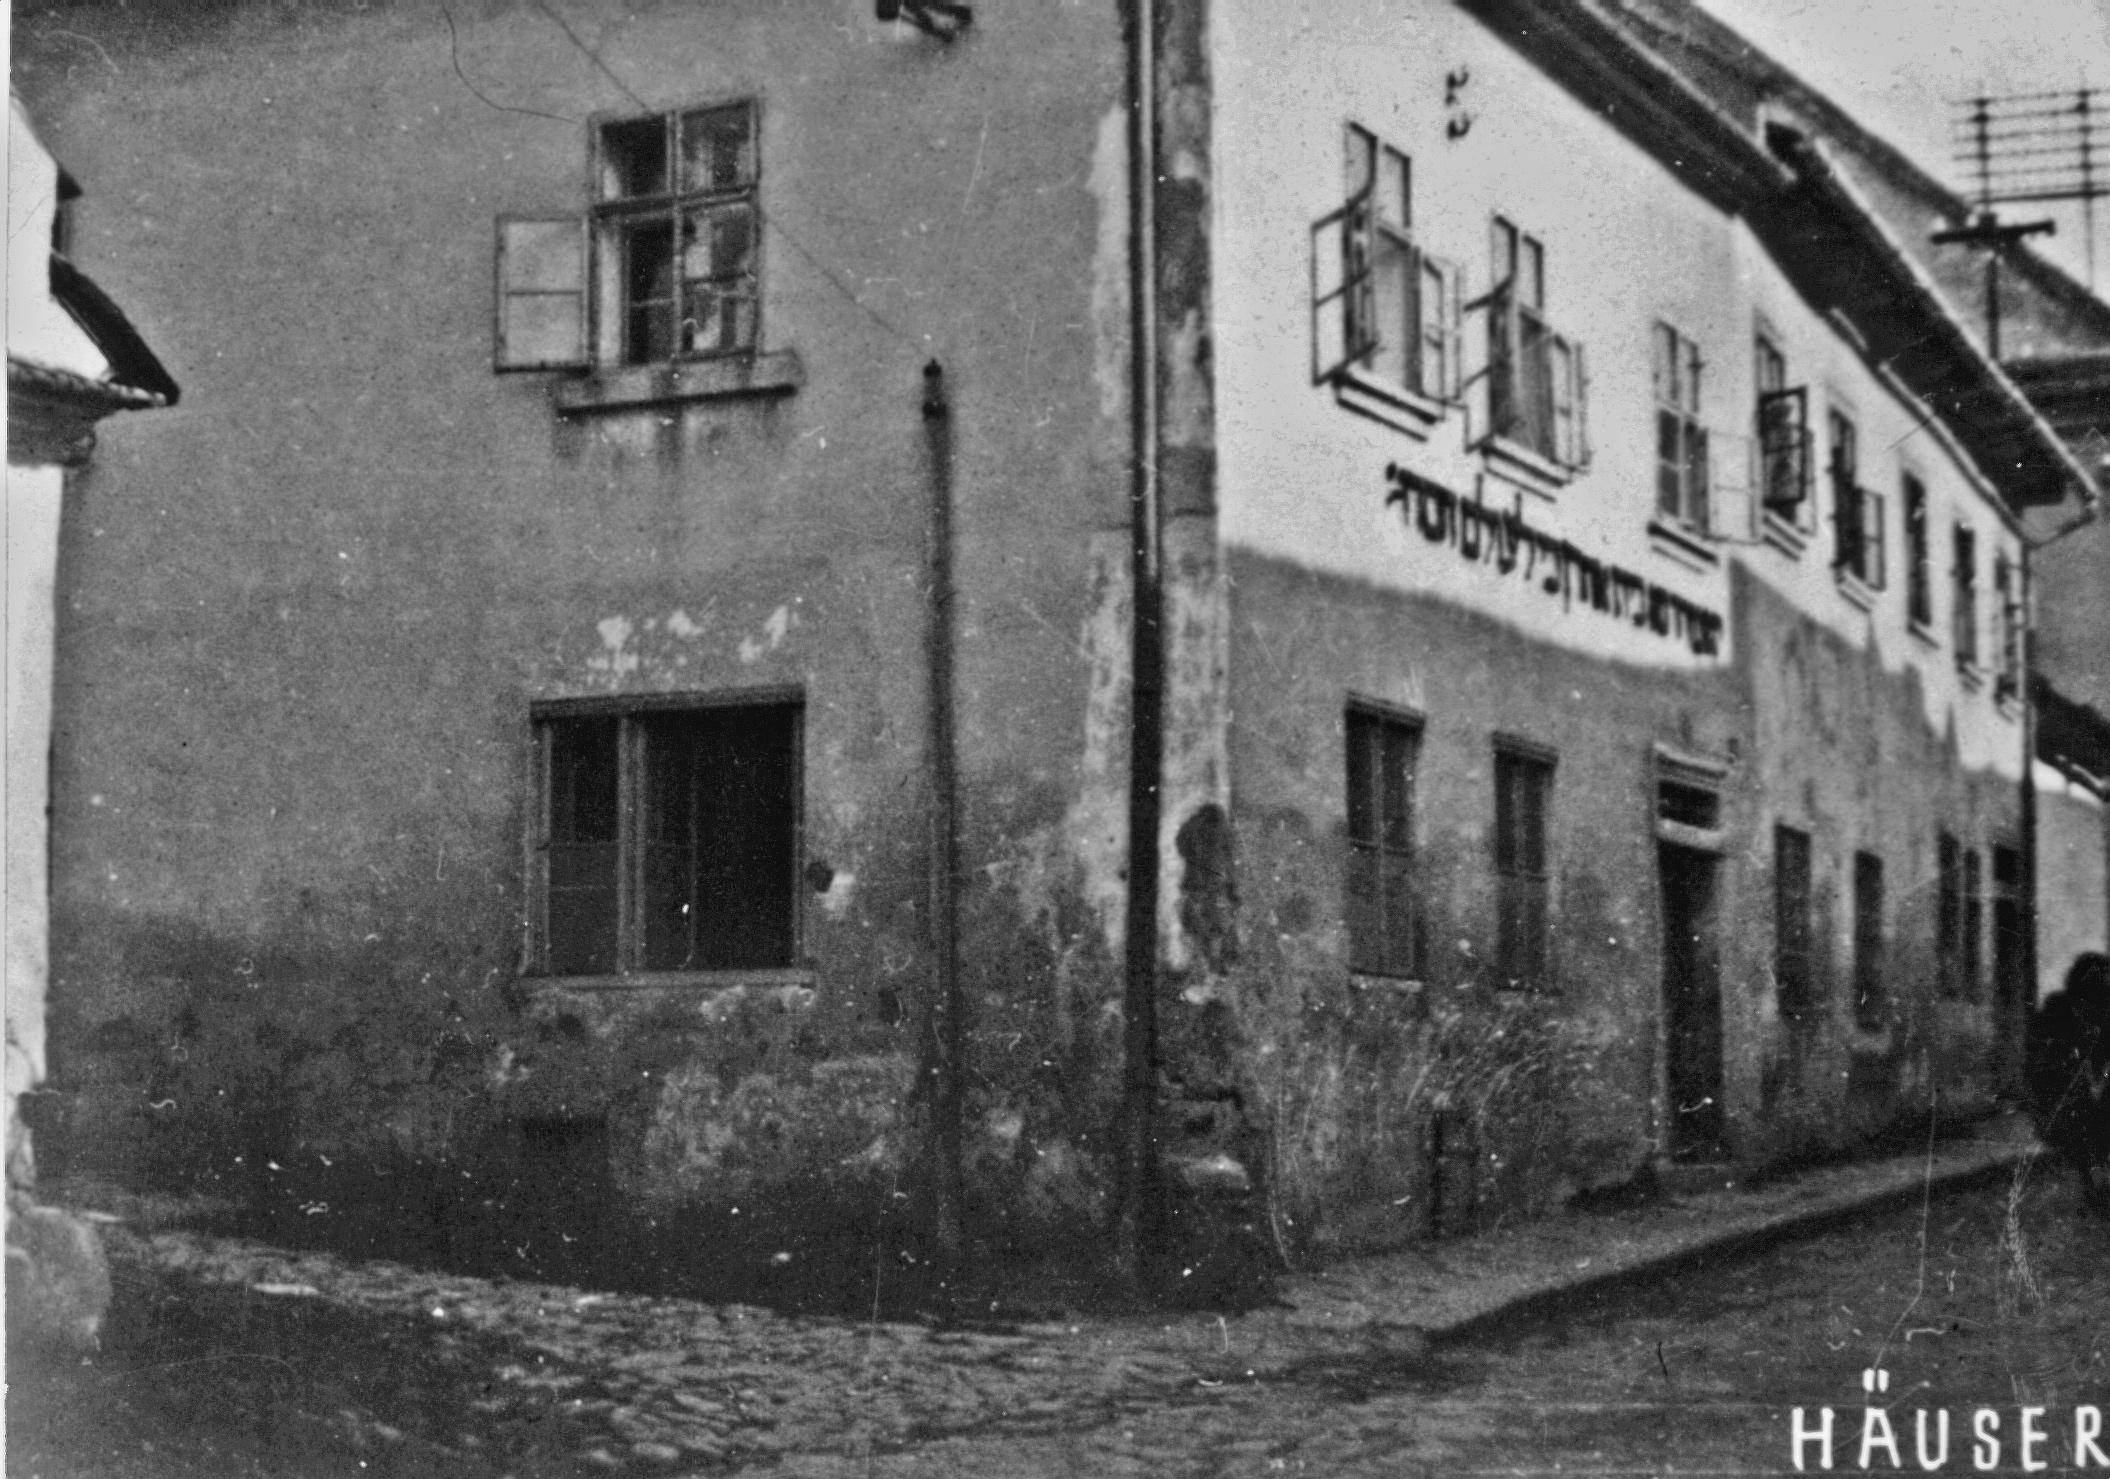 Nadační dům smodlitebnou a učebnou zřízený Nathanem Löw-Beerem roku 1883